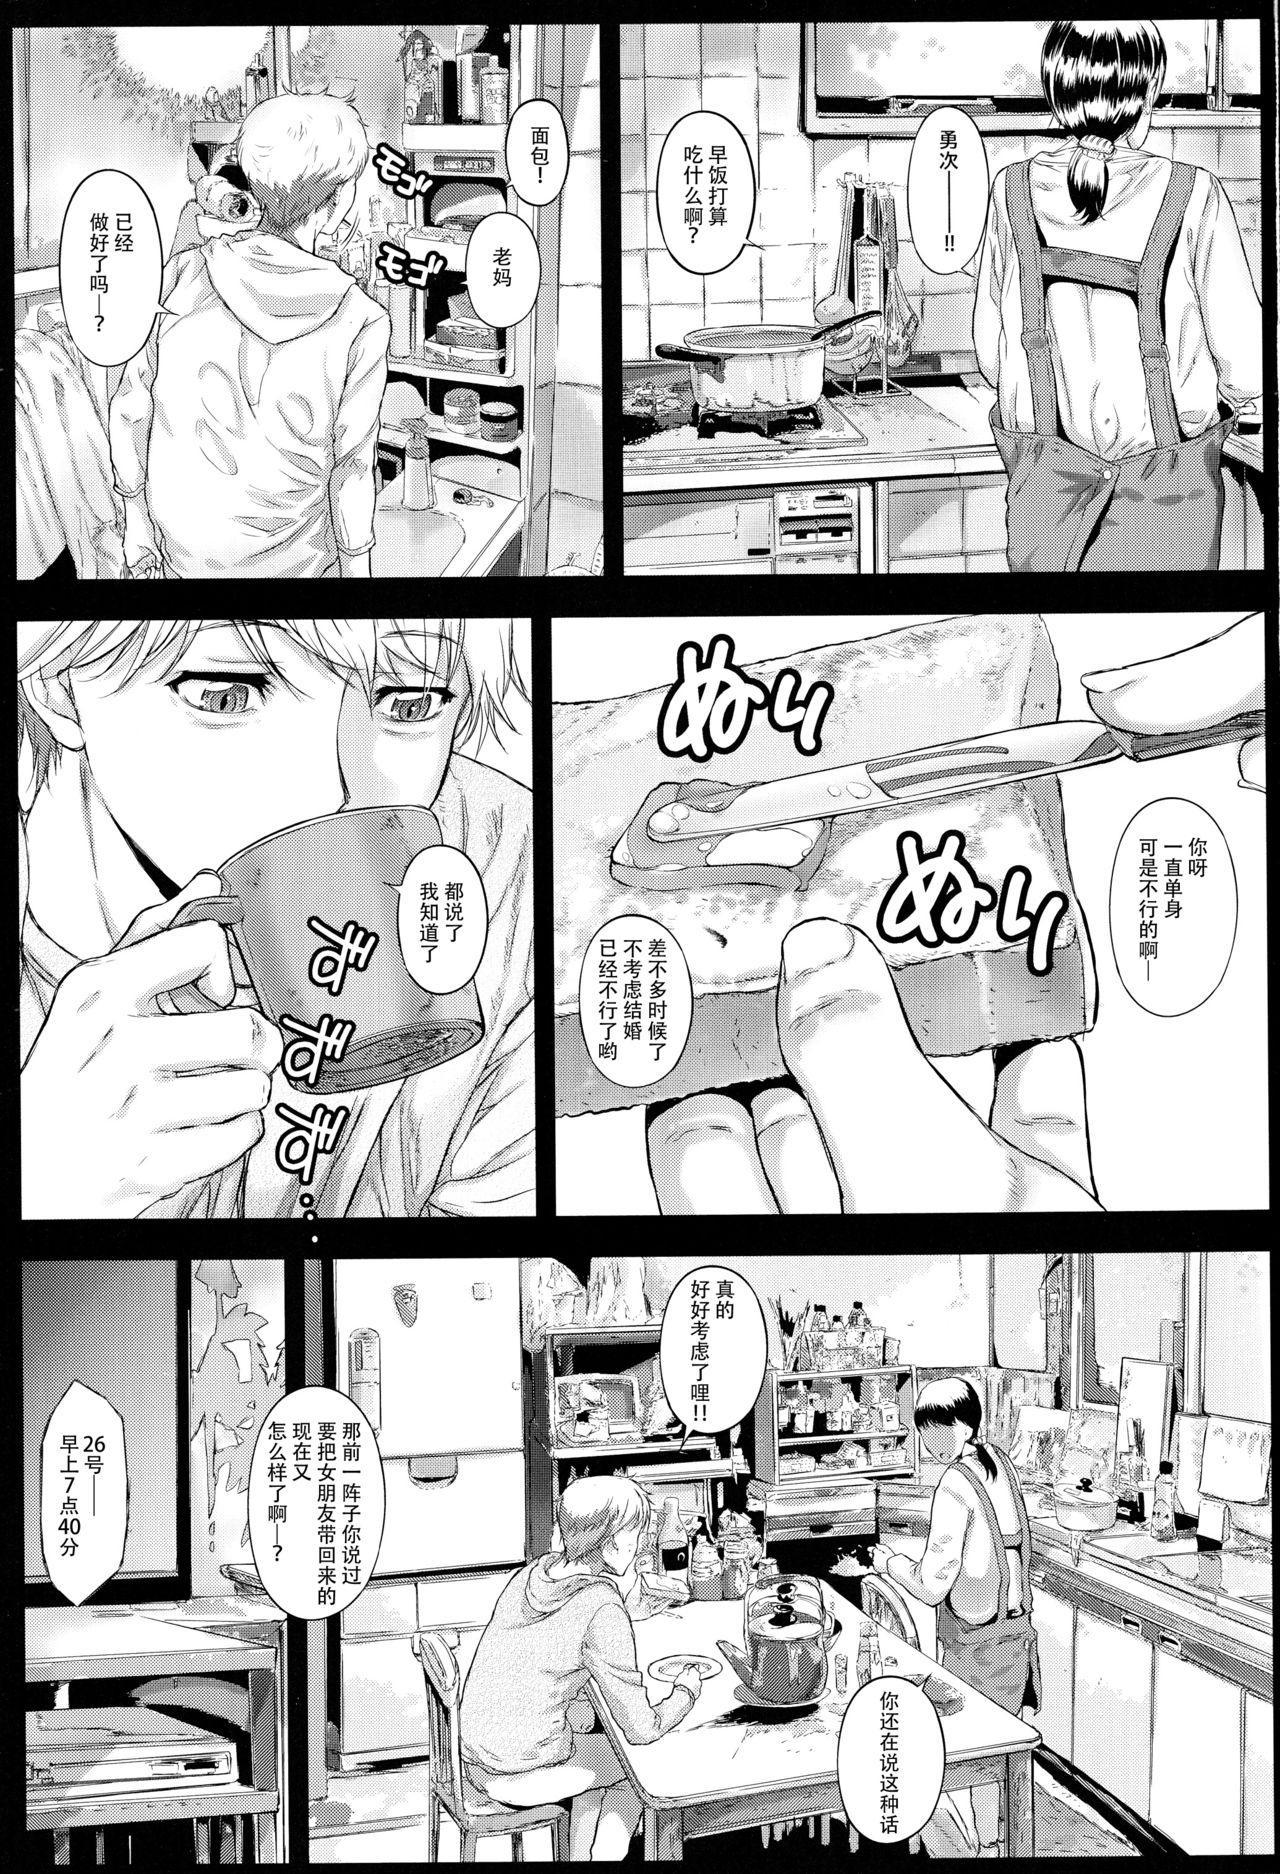 (C94) [Countack (Kojiki Ohji)] Chifuyu-chan no Tokeau Kiss to, Sono Ato de - Chifuyu's a blonde kiss and then [Chinese] [脸肿汉化组] 2